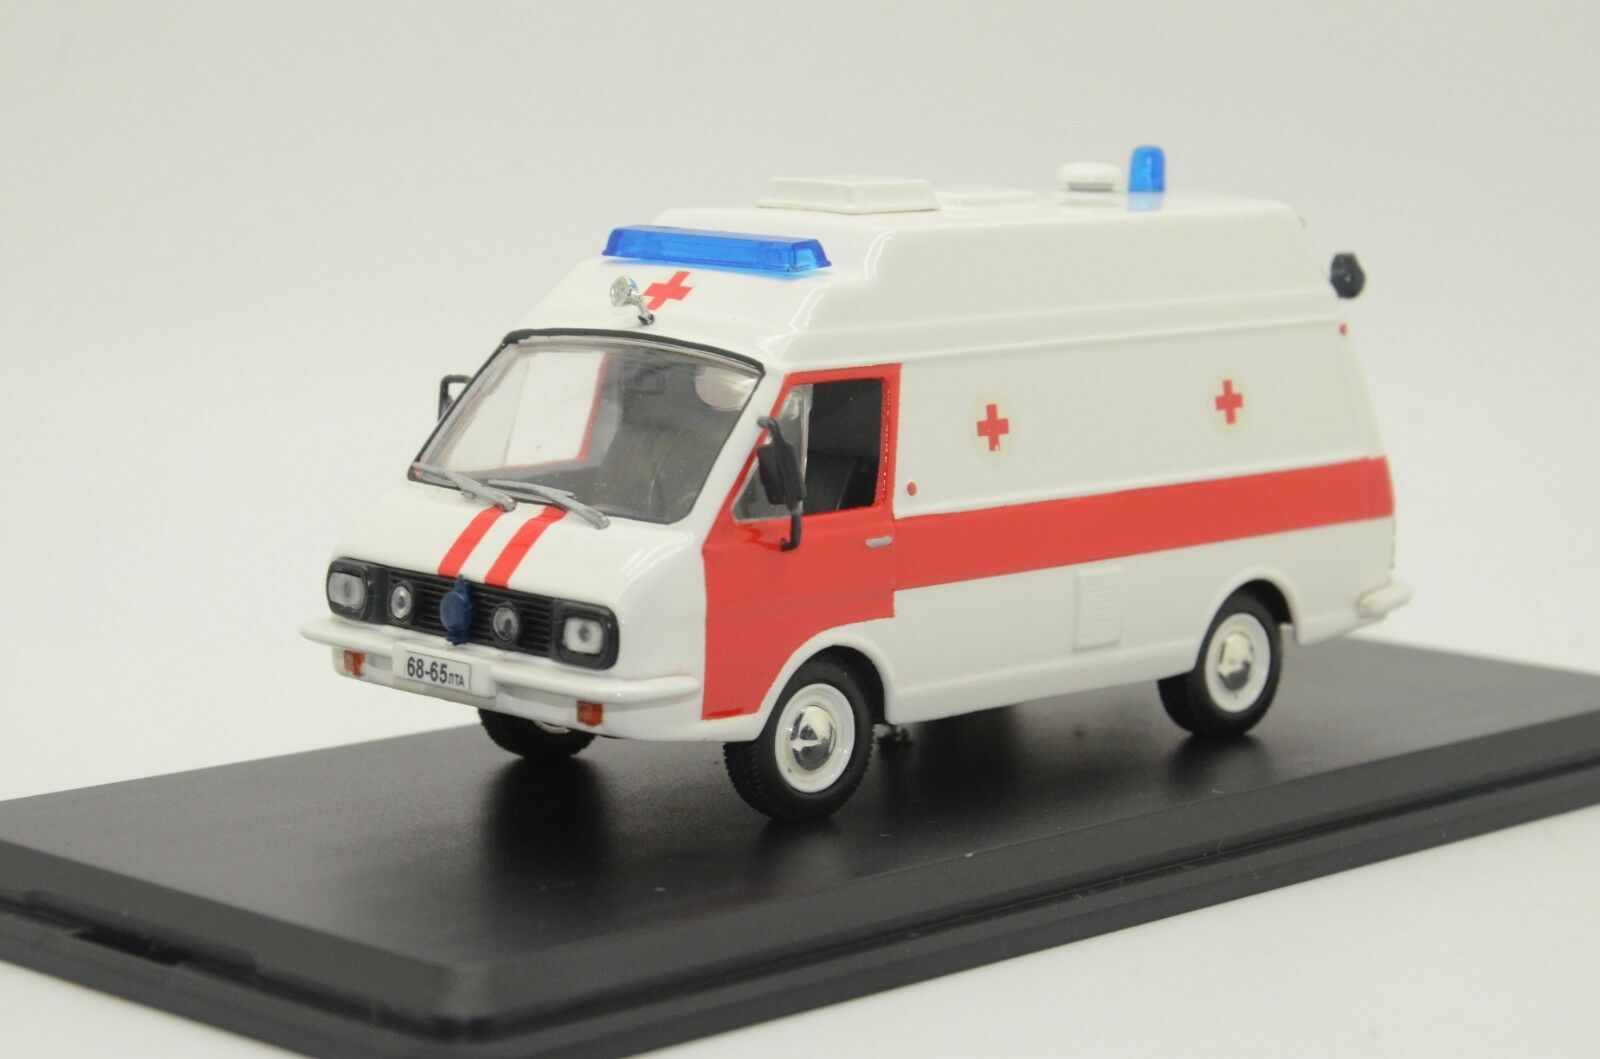 rara Royal Air Force Tampo ambulancia Blanco Hecho a Medida 1/43